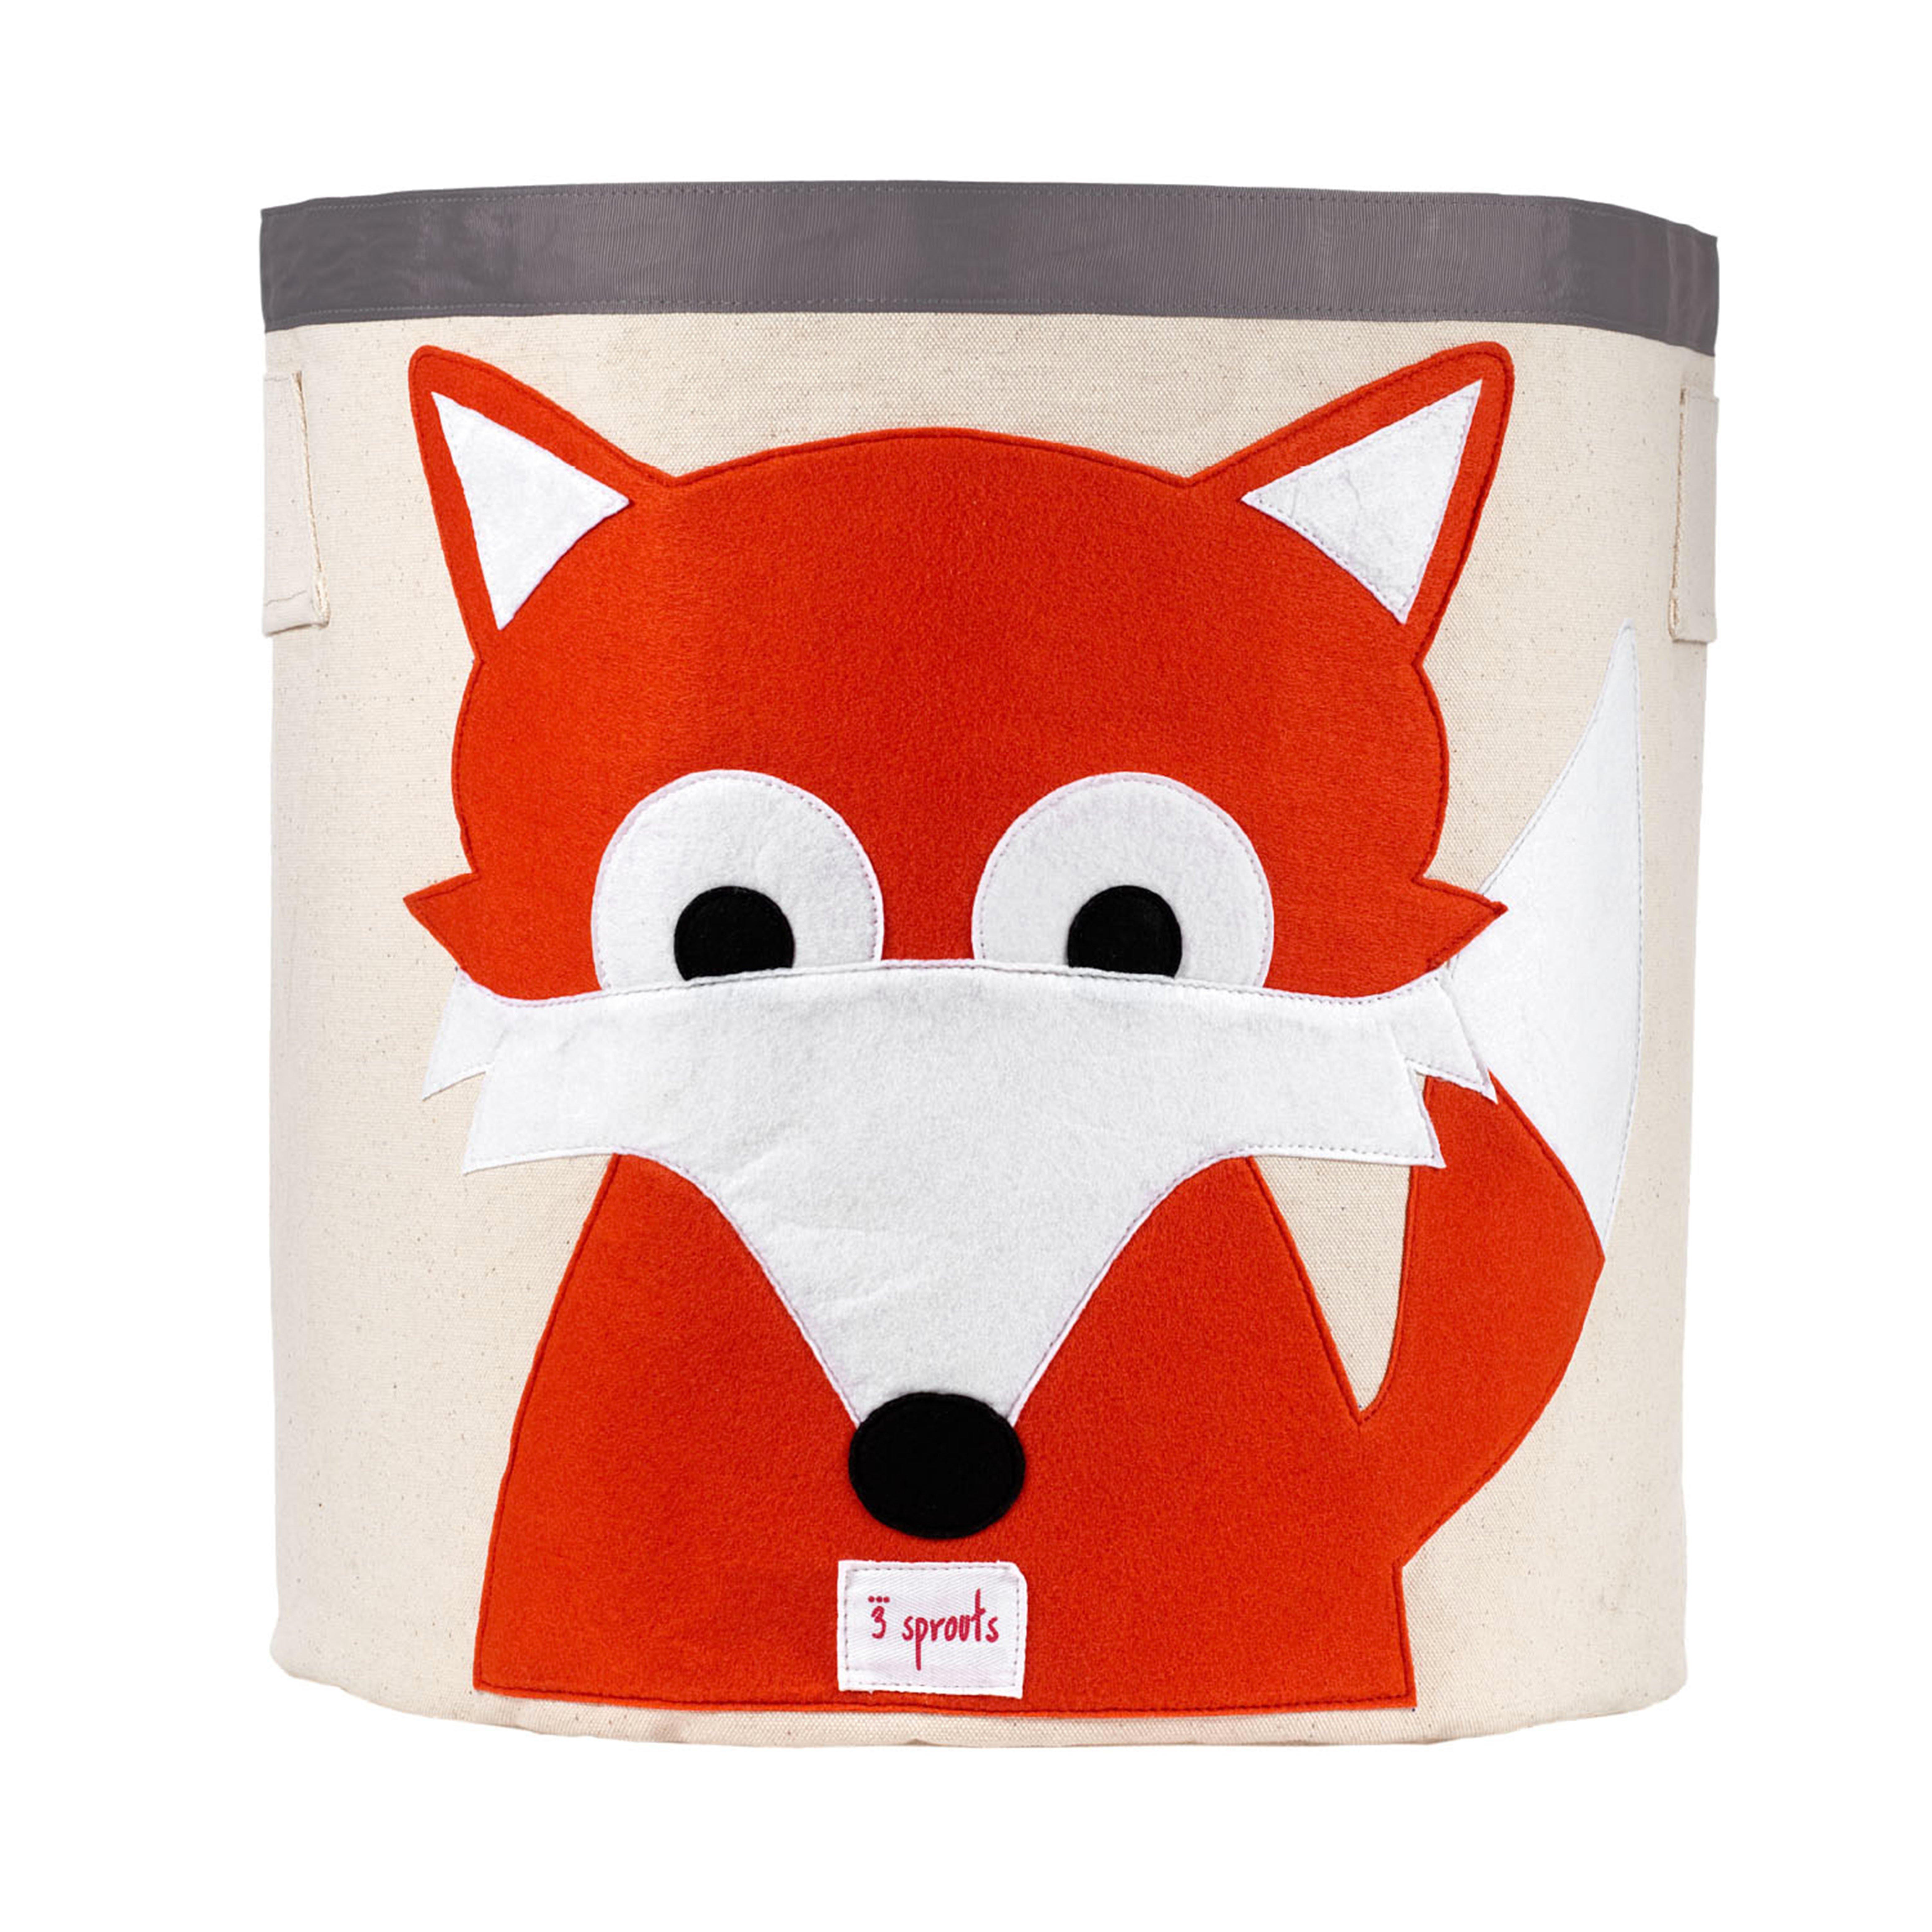 3 Sprouts - Storage Bin - Orange Fox